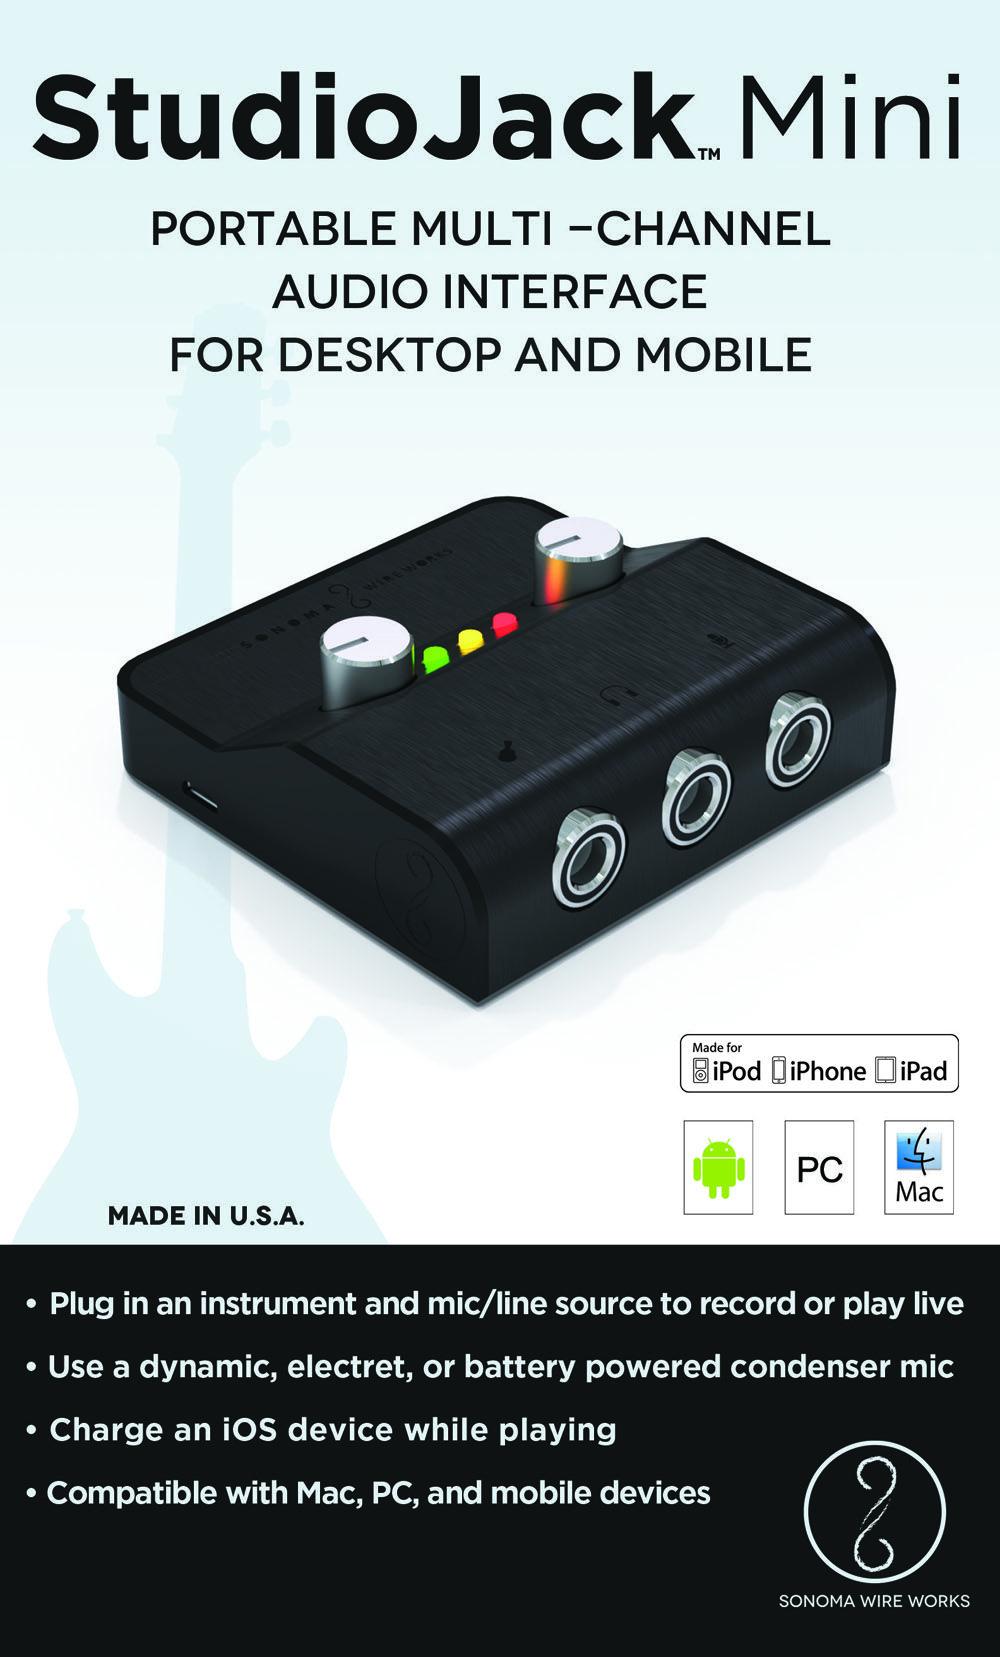 StudioJack Mini Box Front Mini, Ipad 4th generation